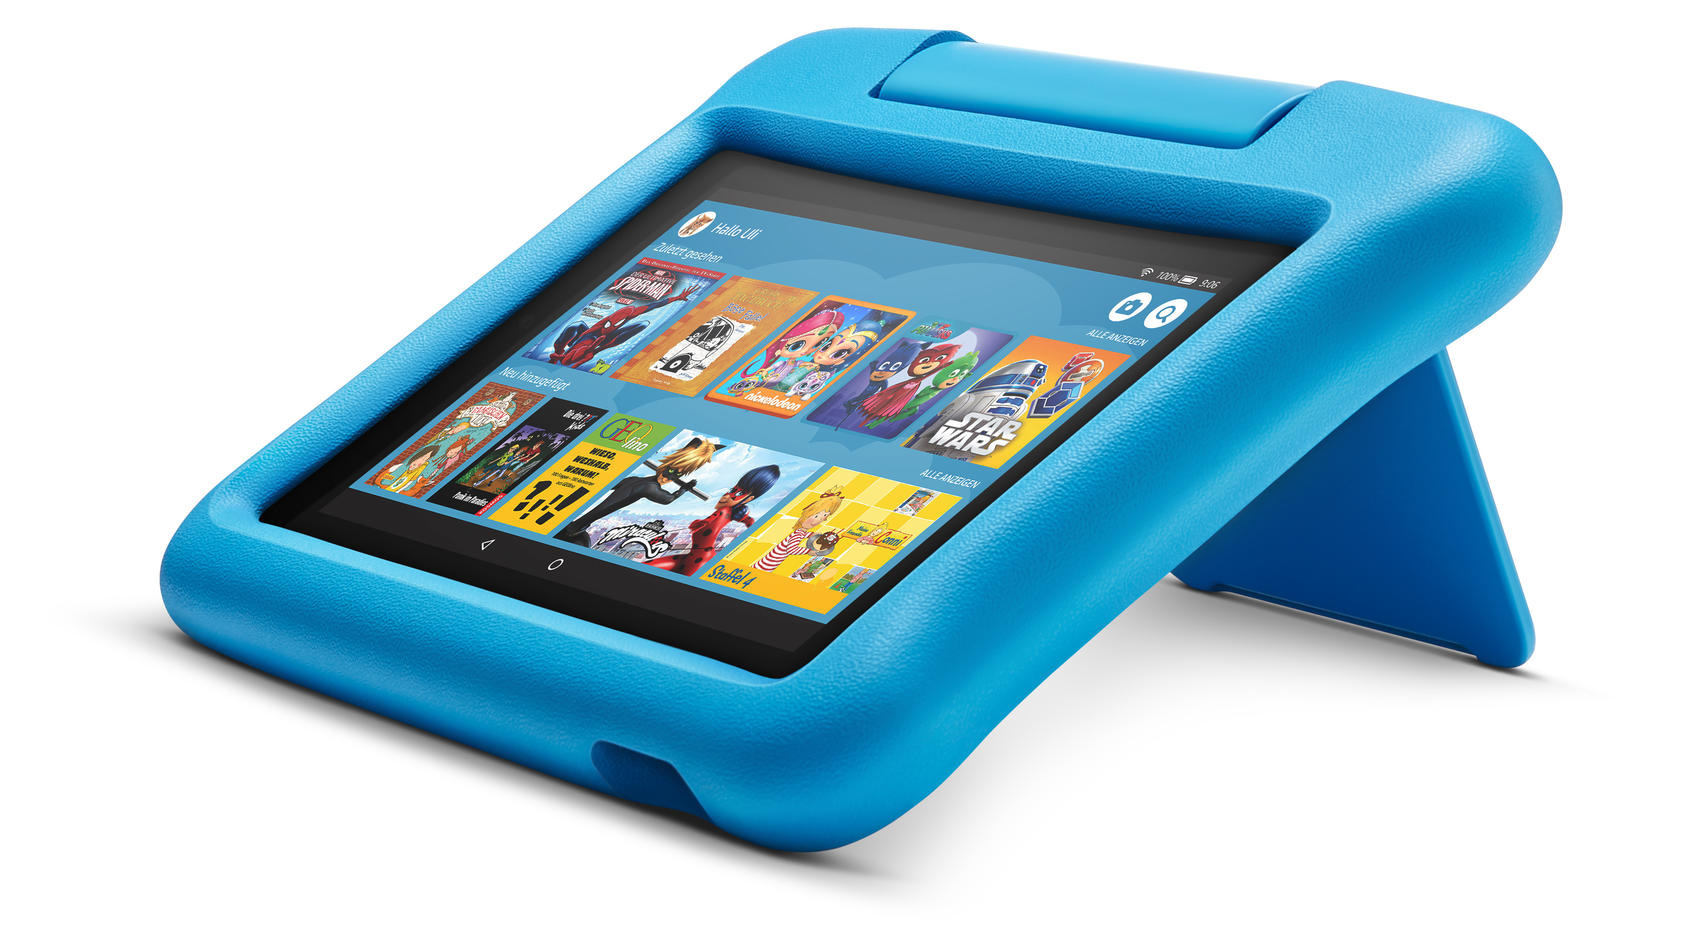 Das Amazon-Fire-Tablet hat Nachwuchs bekommen: Die Kids-Edition.